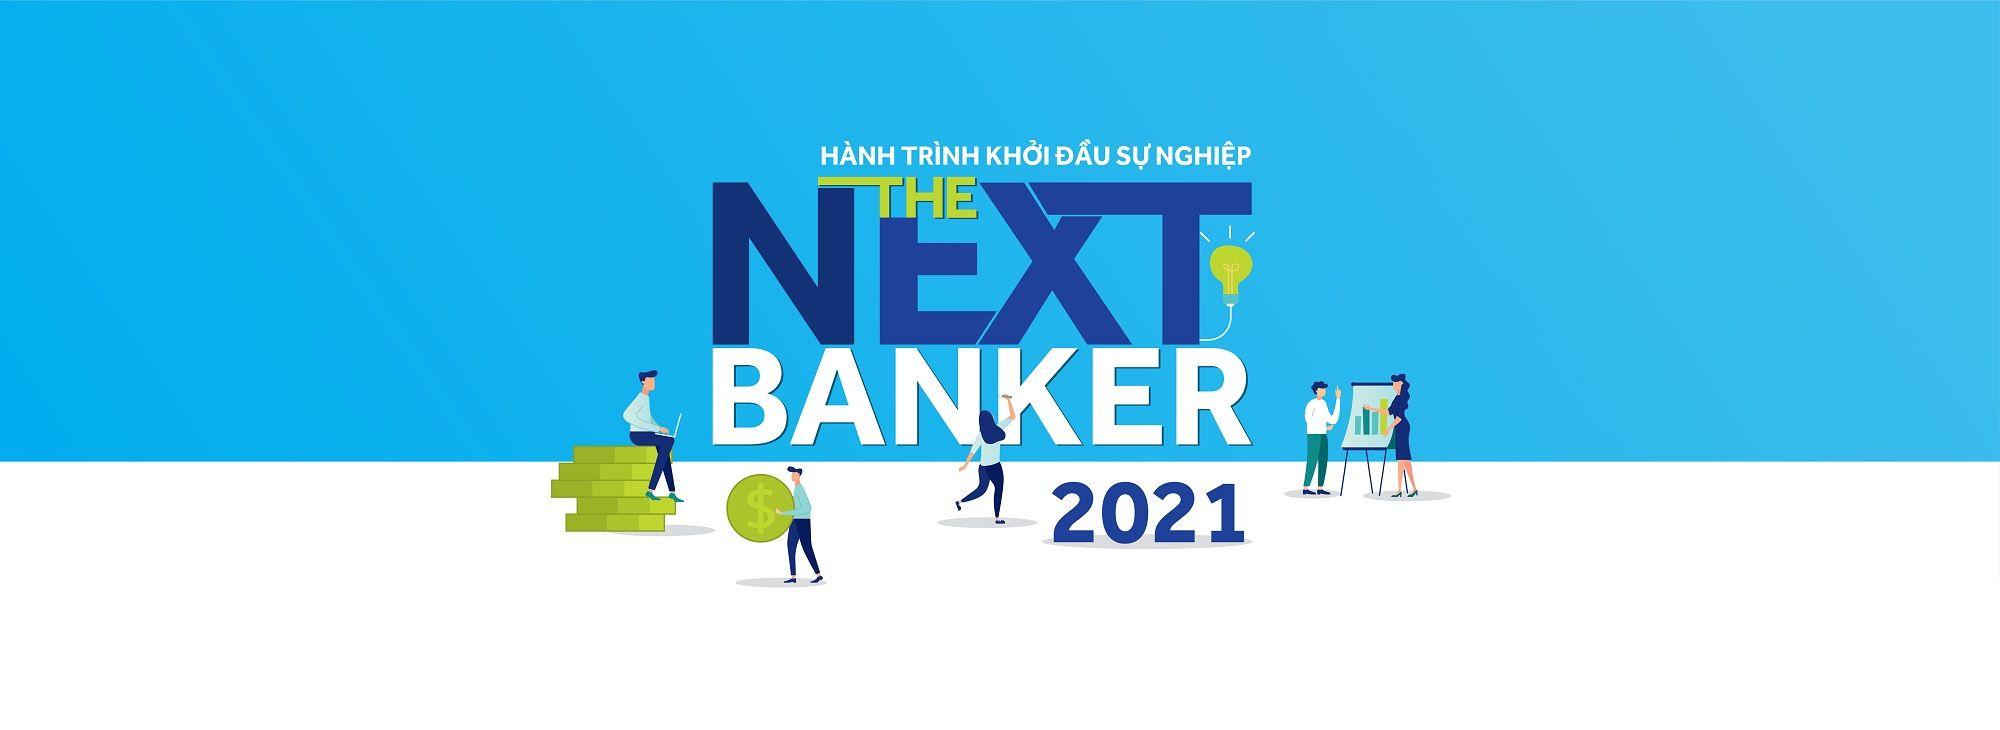 The Next Banker 2021 (đợt 2)